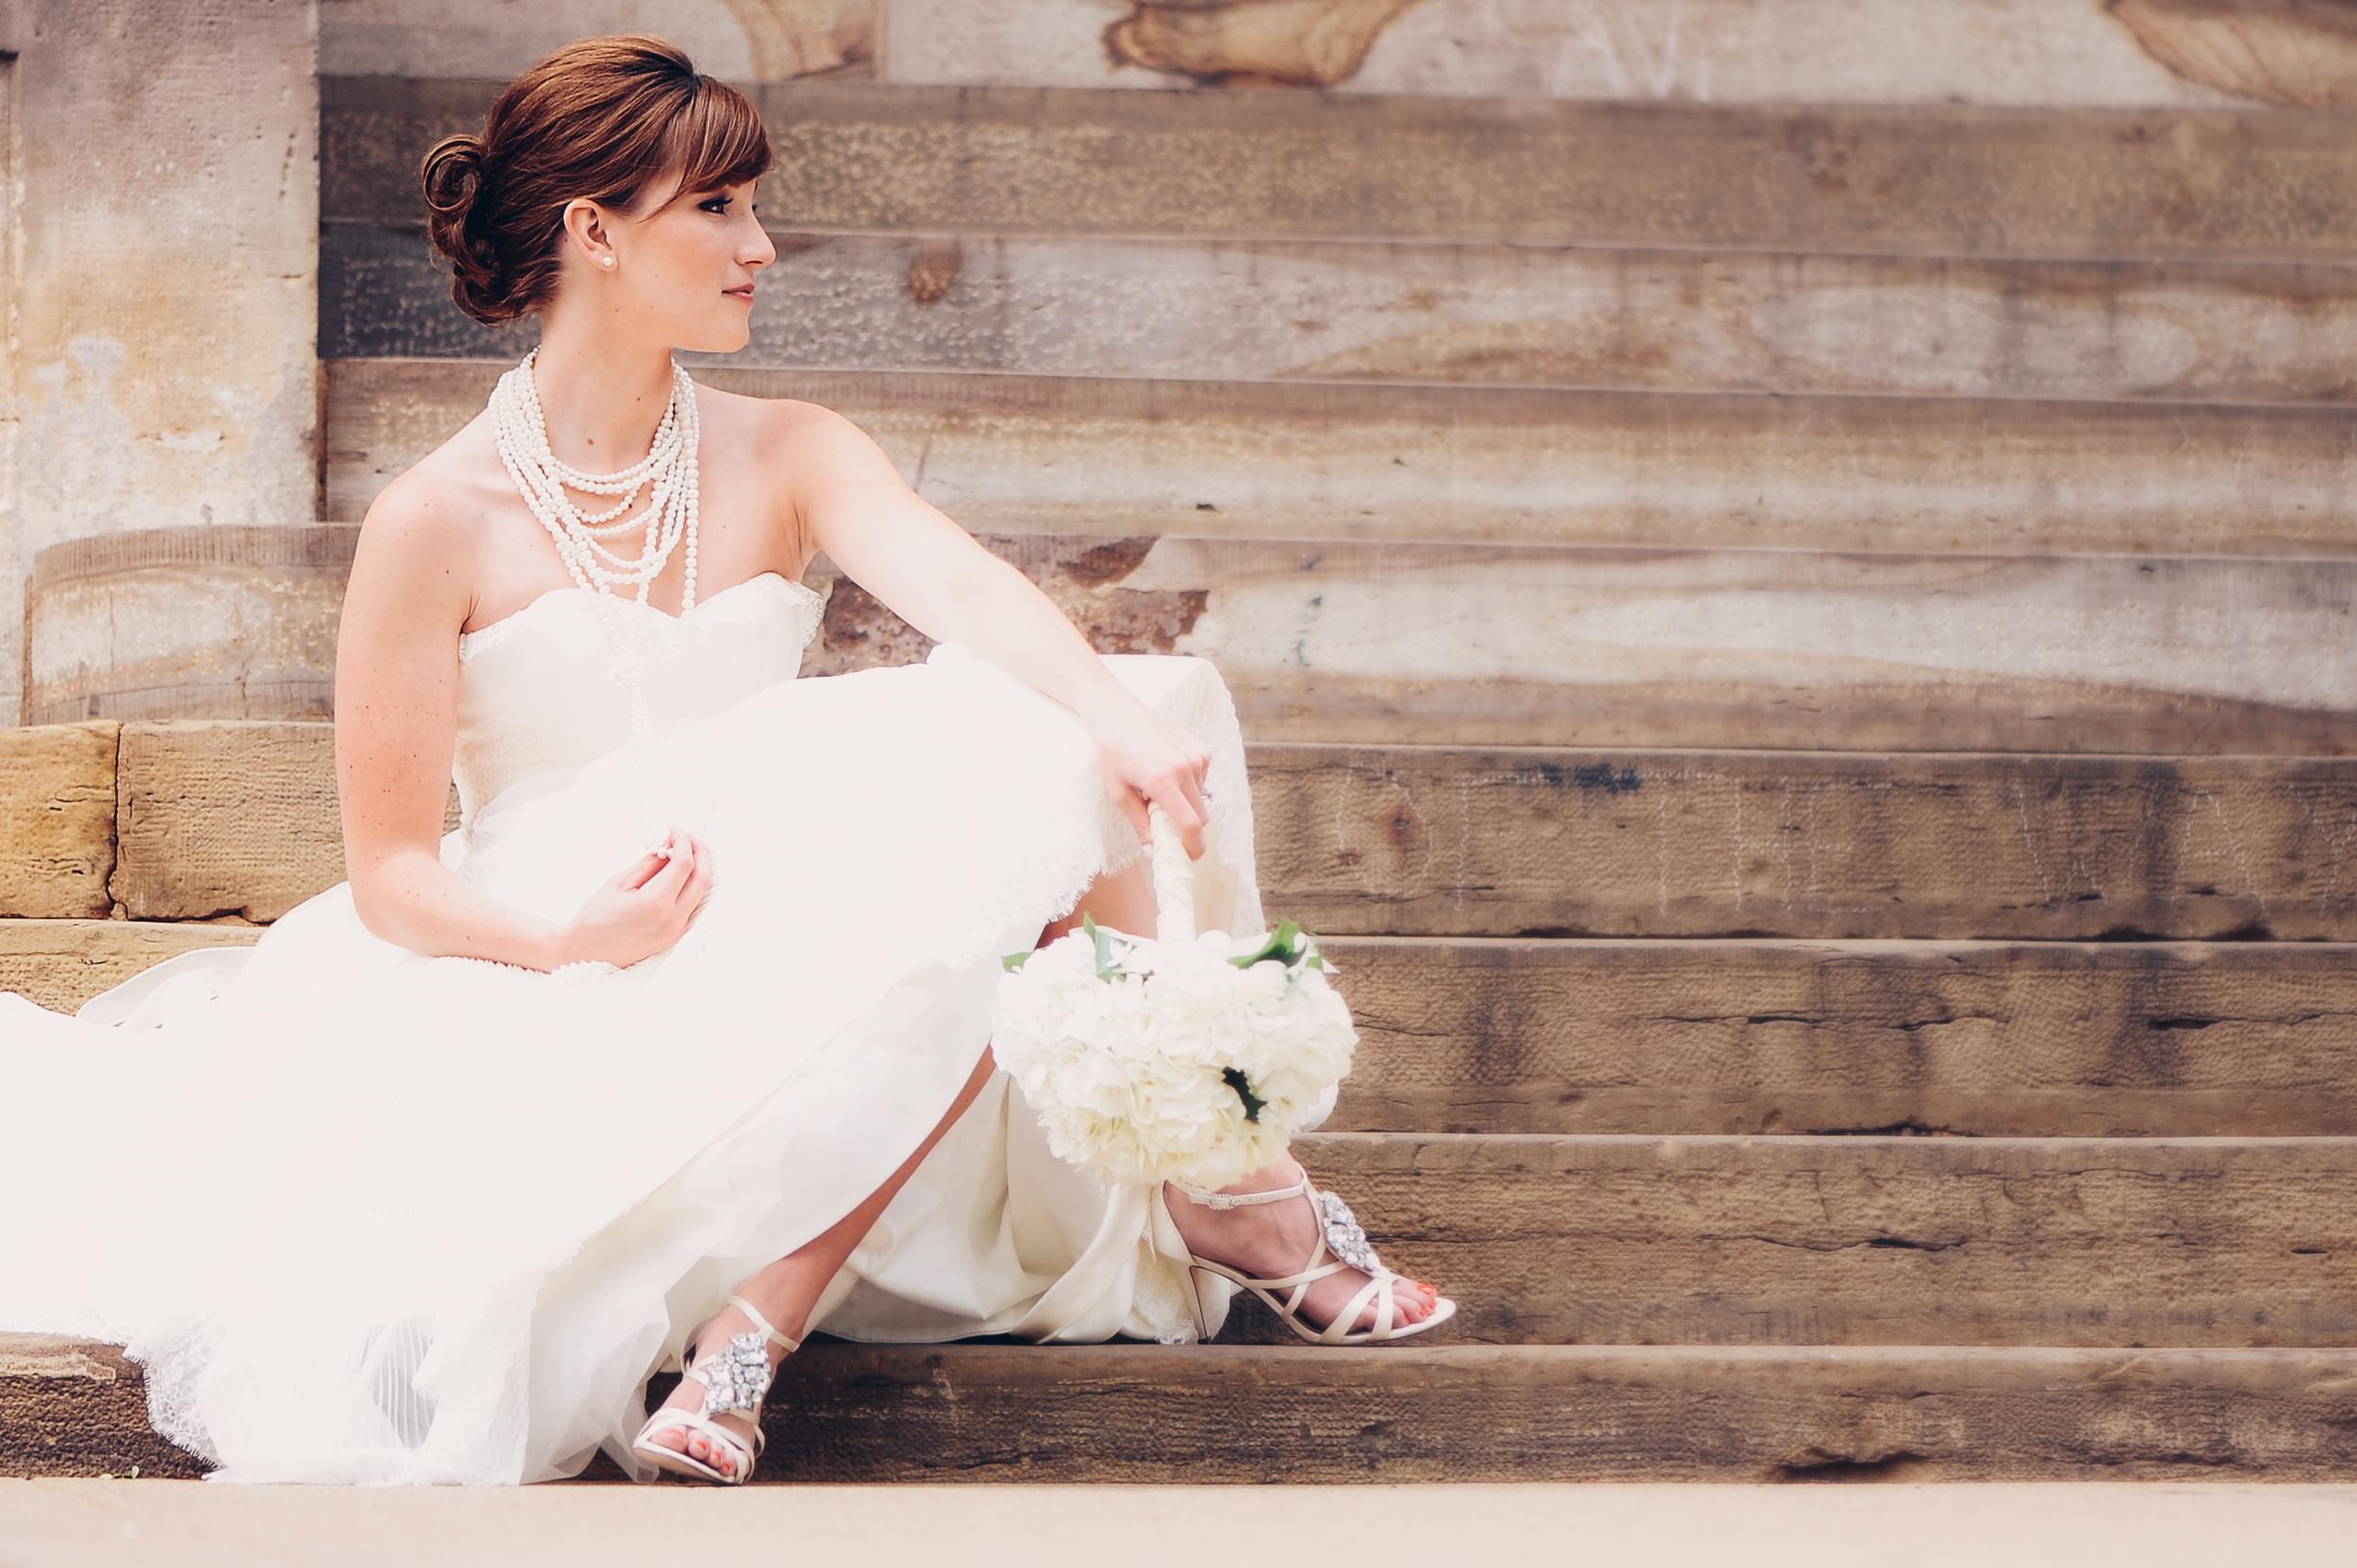 bridals©2015mileswittboyer-13.jpg